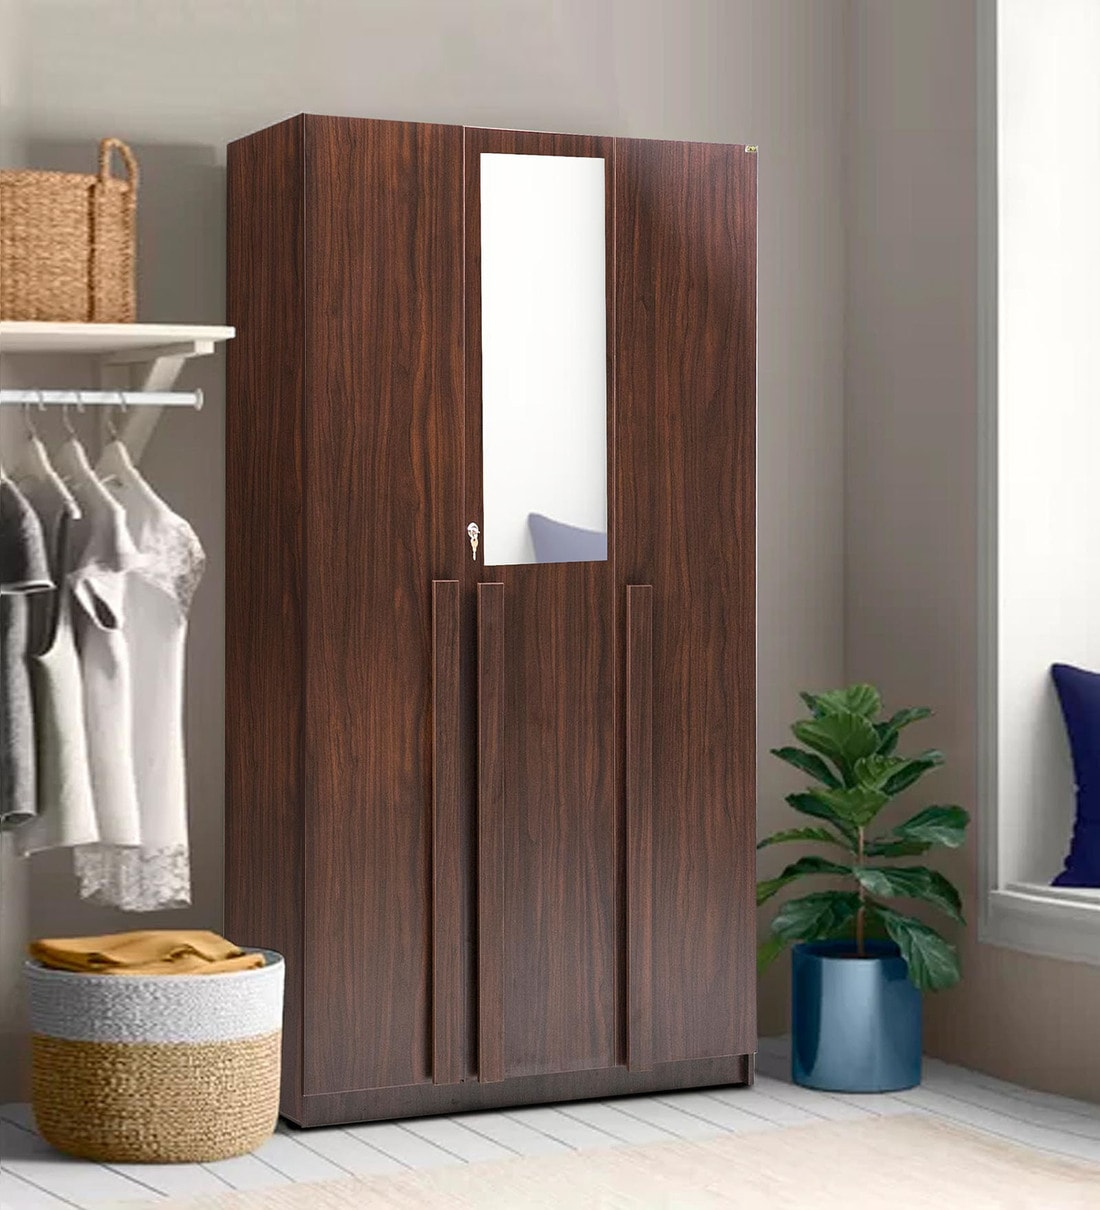 Buy Regal 3 Door Wardrobe in Walnut Suede Finish by Trevi ...